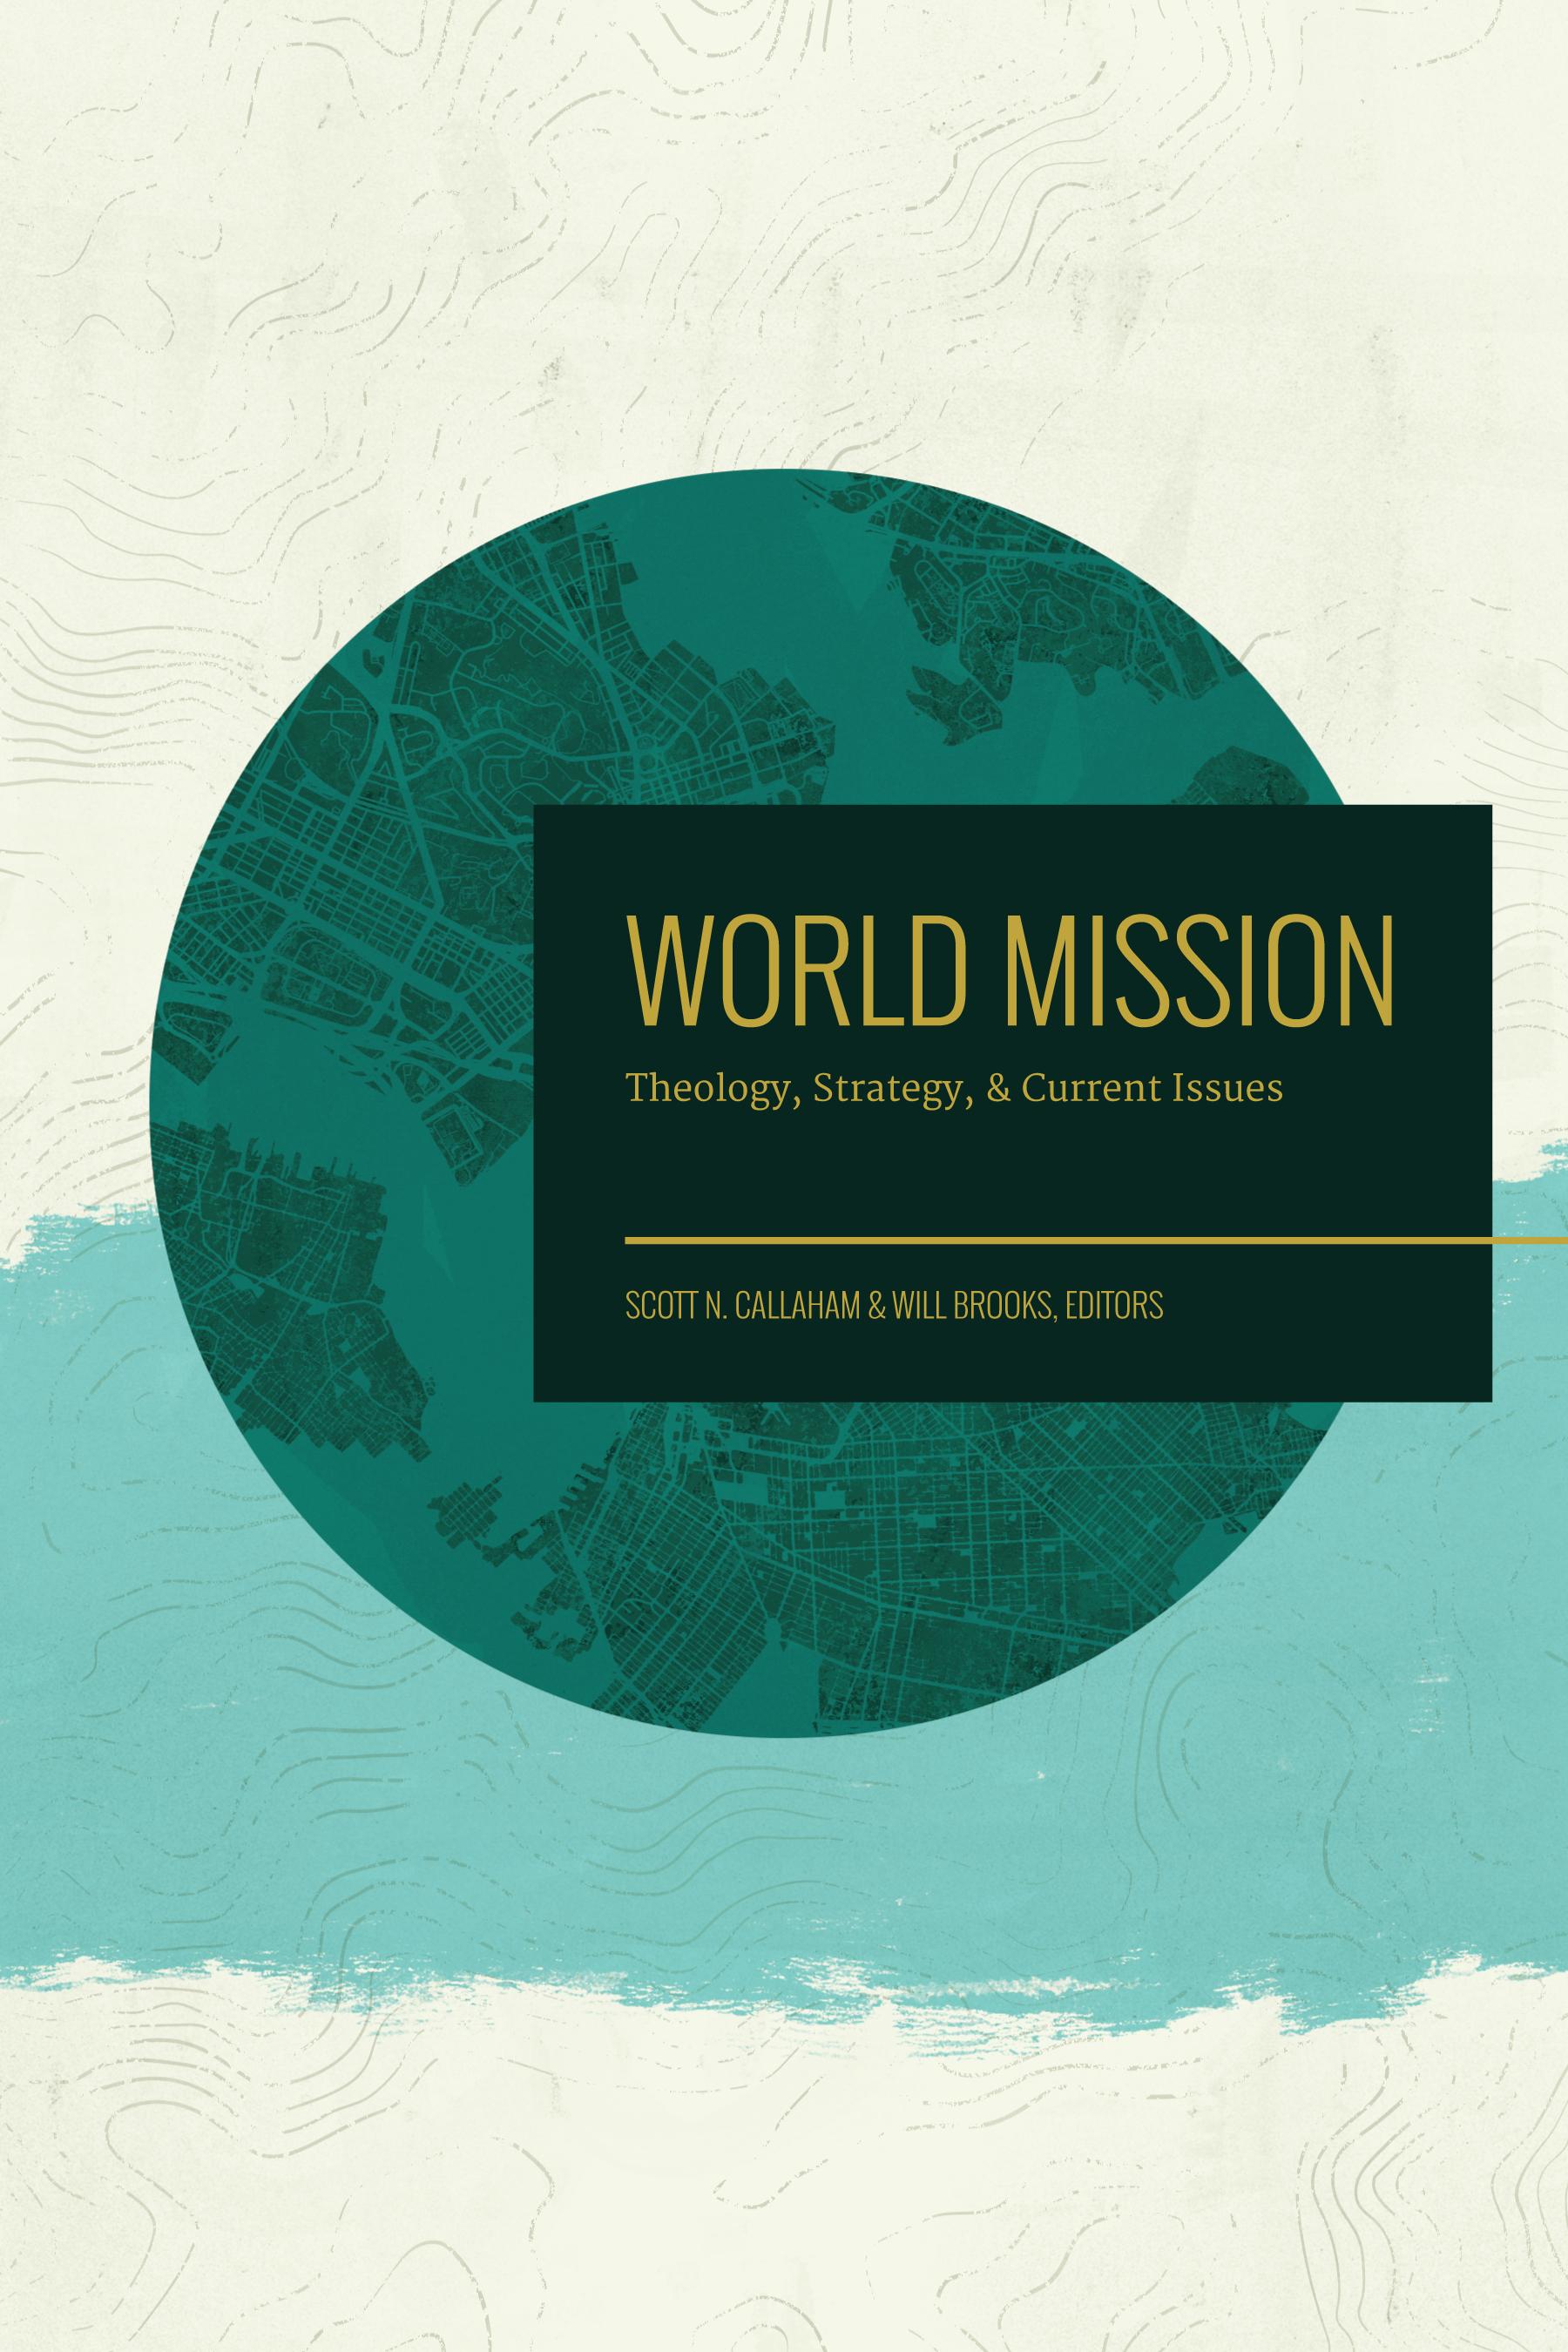 World Mission